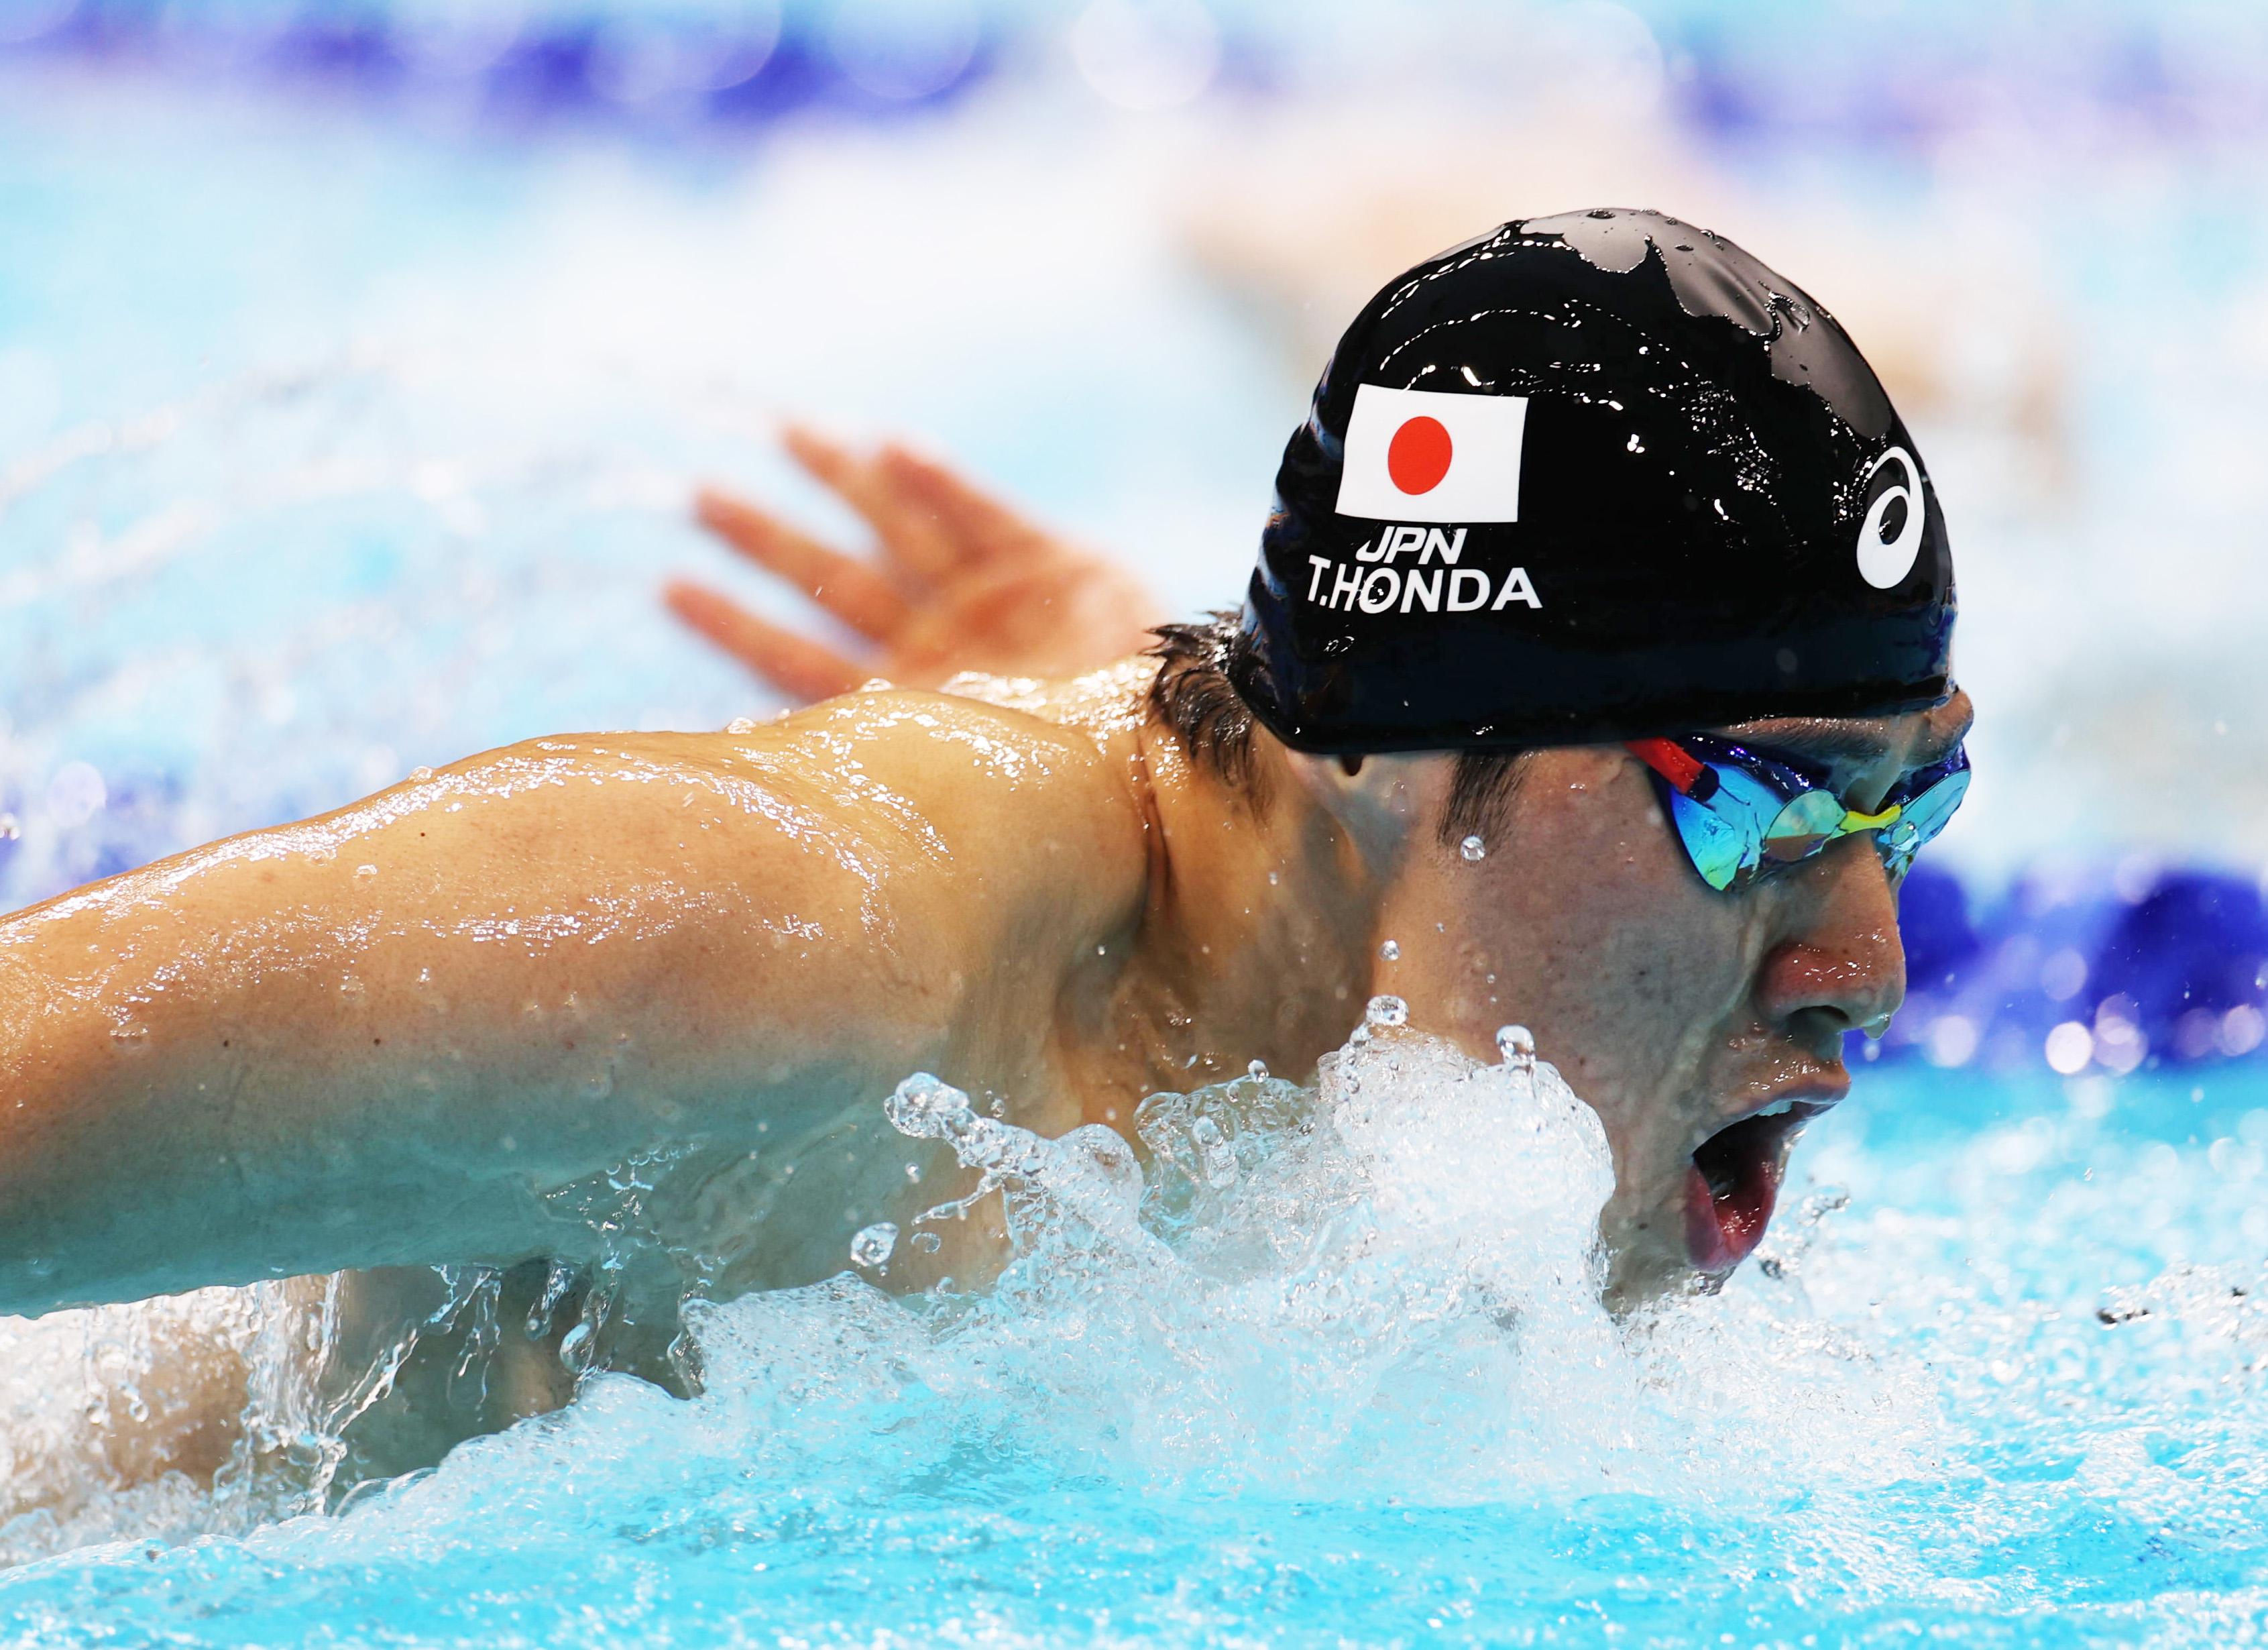 【東京五輪2020 競泳】男子200メートルバタフライ決勝 2着となった本多灯の泳ぎ=28日、東京アクアティクスセンター(恵守乾撮影)